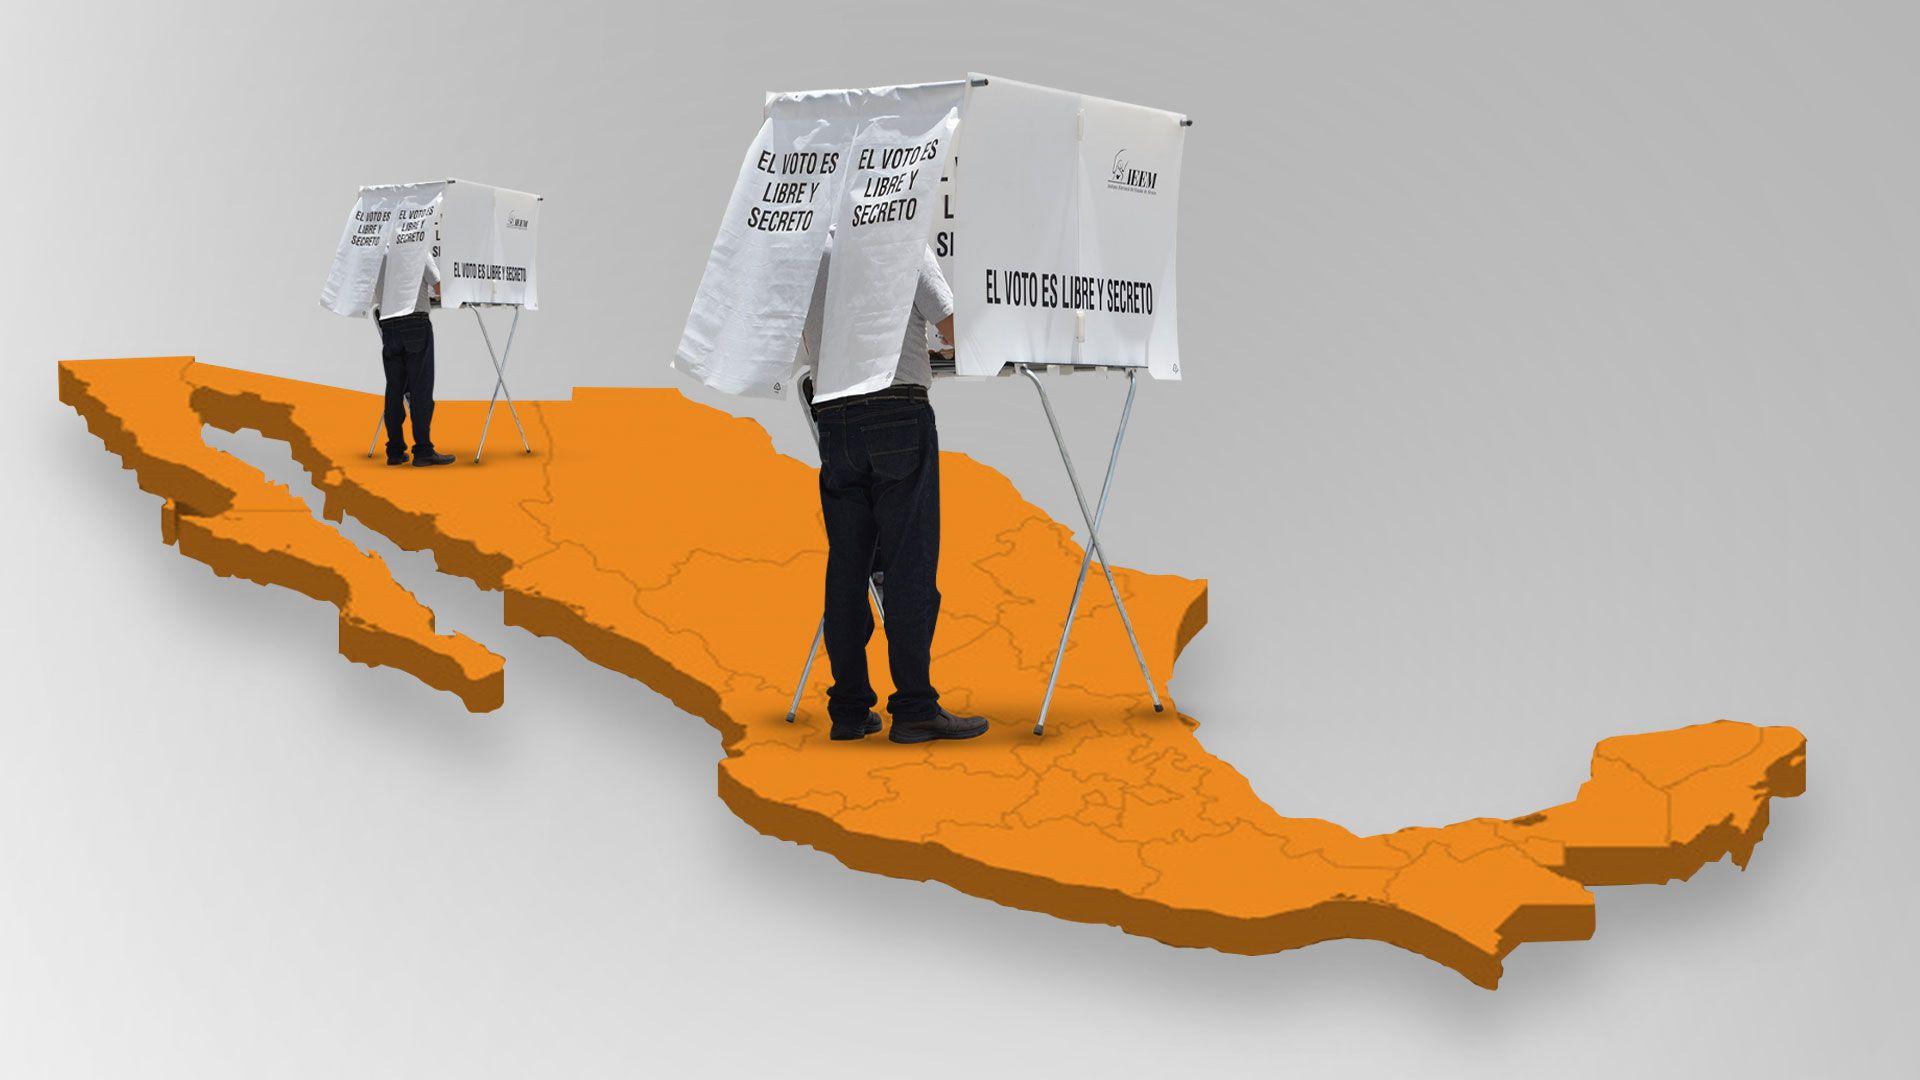 Elecciones mexico 2021